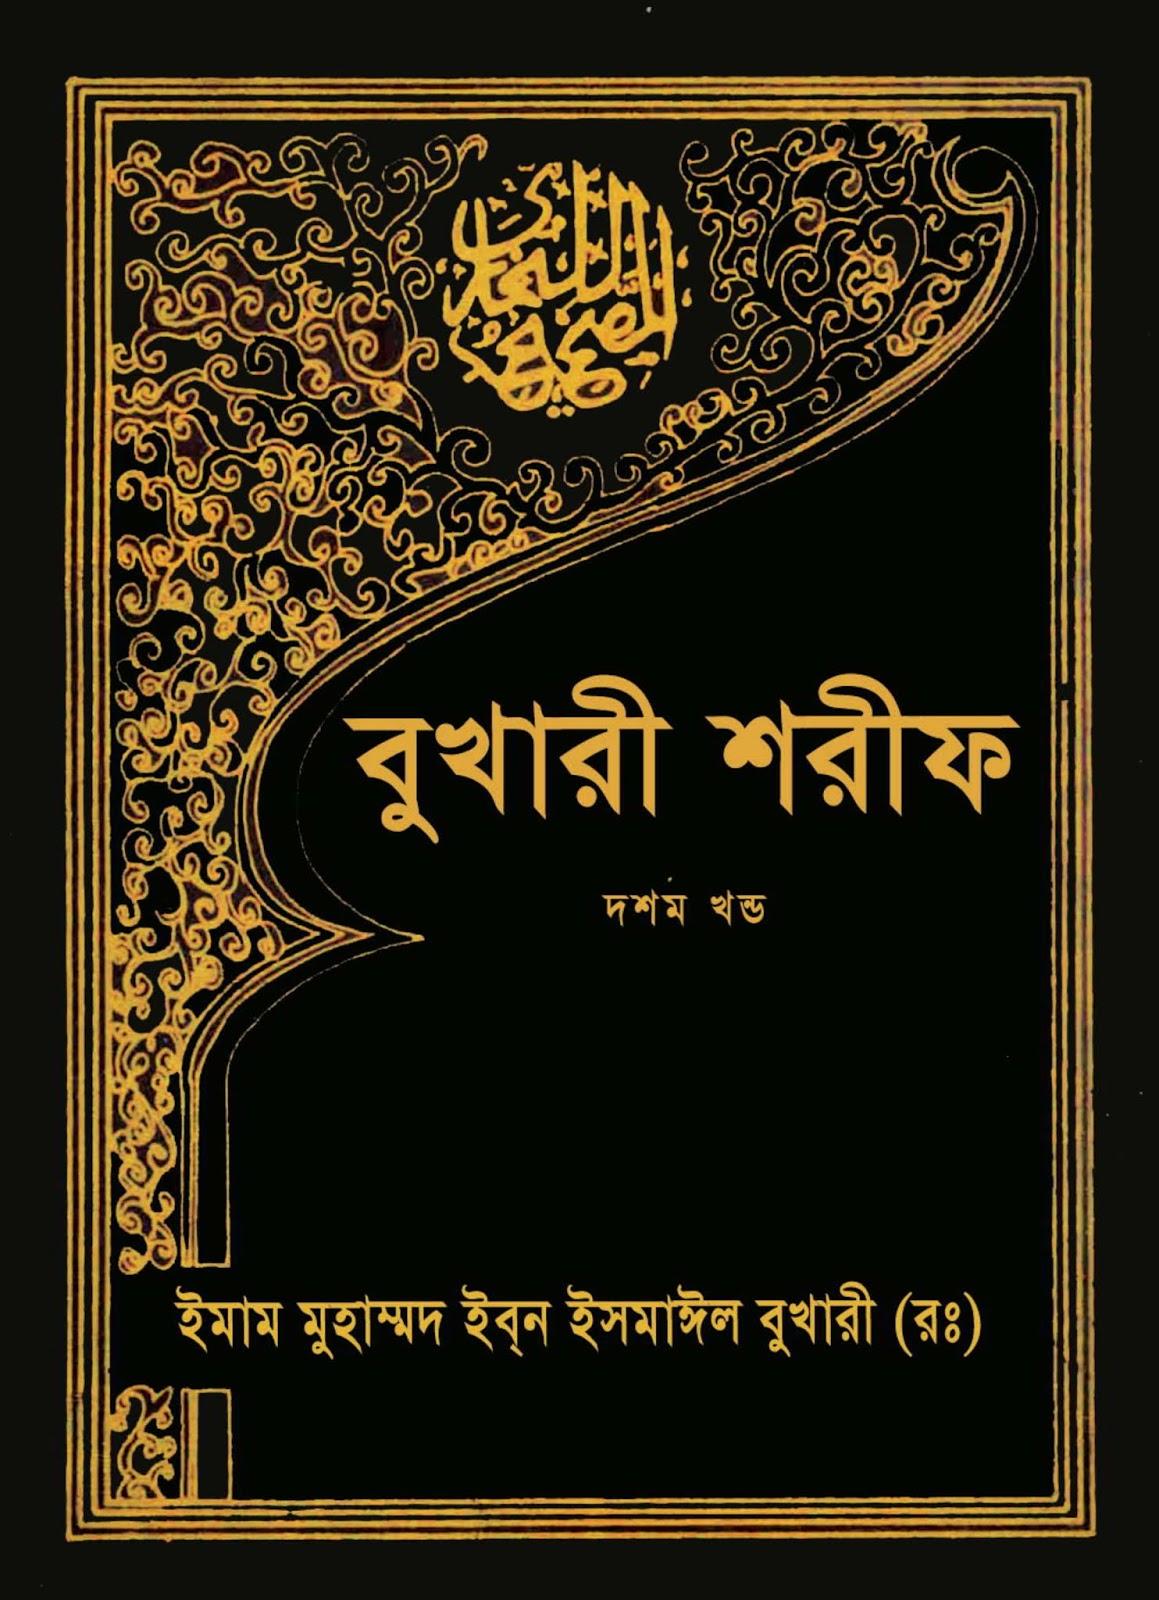 বোখারী শরীফ ১০ খন্ড pdf | বোখারী শরীফ ফ্রিতে ডাউনলোড করুন |bangla hadith | bangla hadis | hadithbd | হাদিস